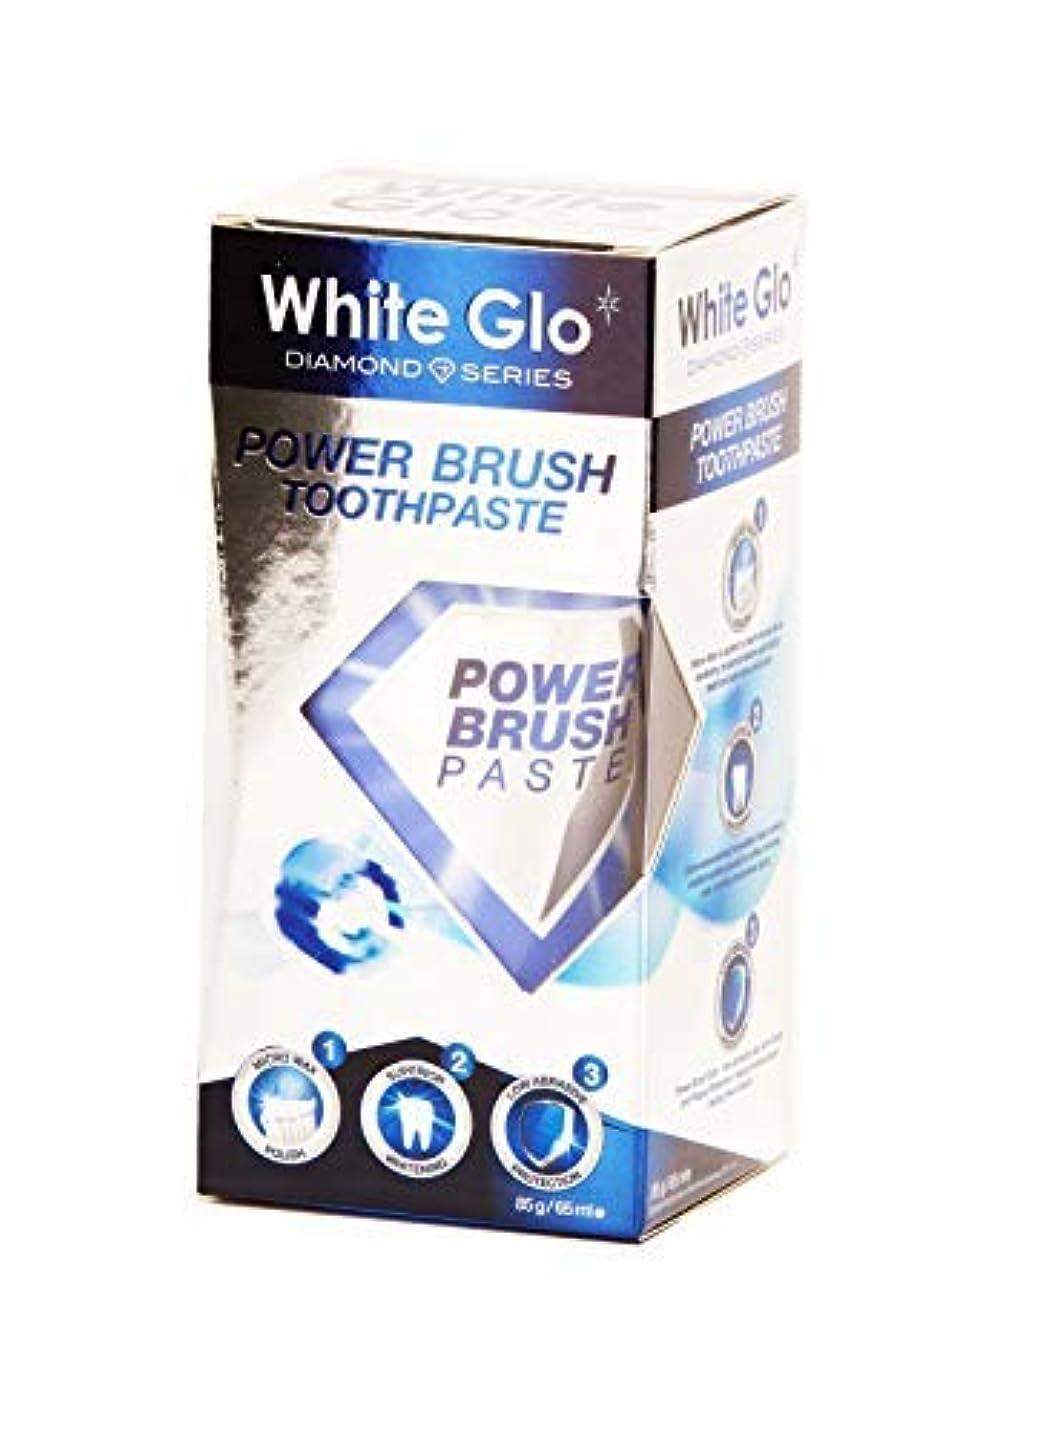 主人水差し電気Teeth Whitening Systems White Glo Electric Powerbrush Whitening Toothpaste 85g Australia / 歯磨き粉85gオーストラリアを白くする...